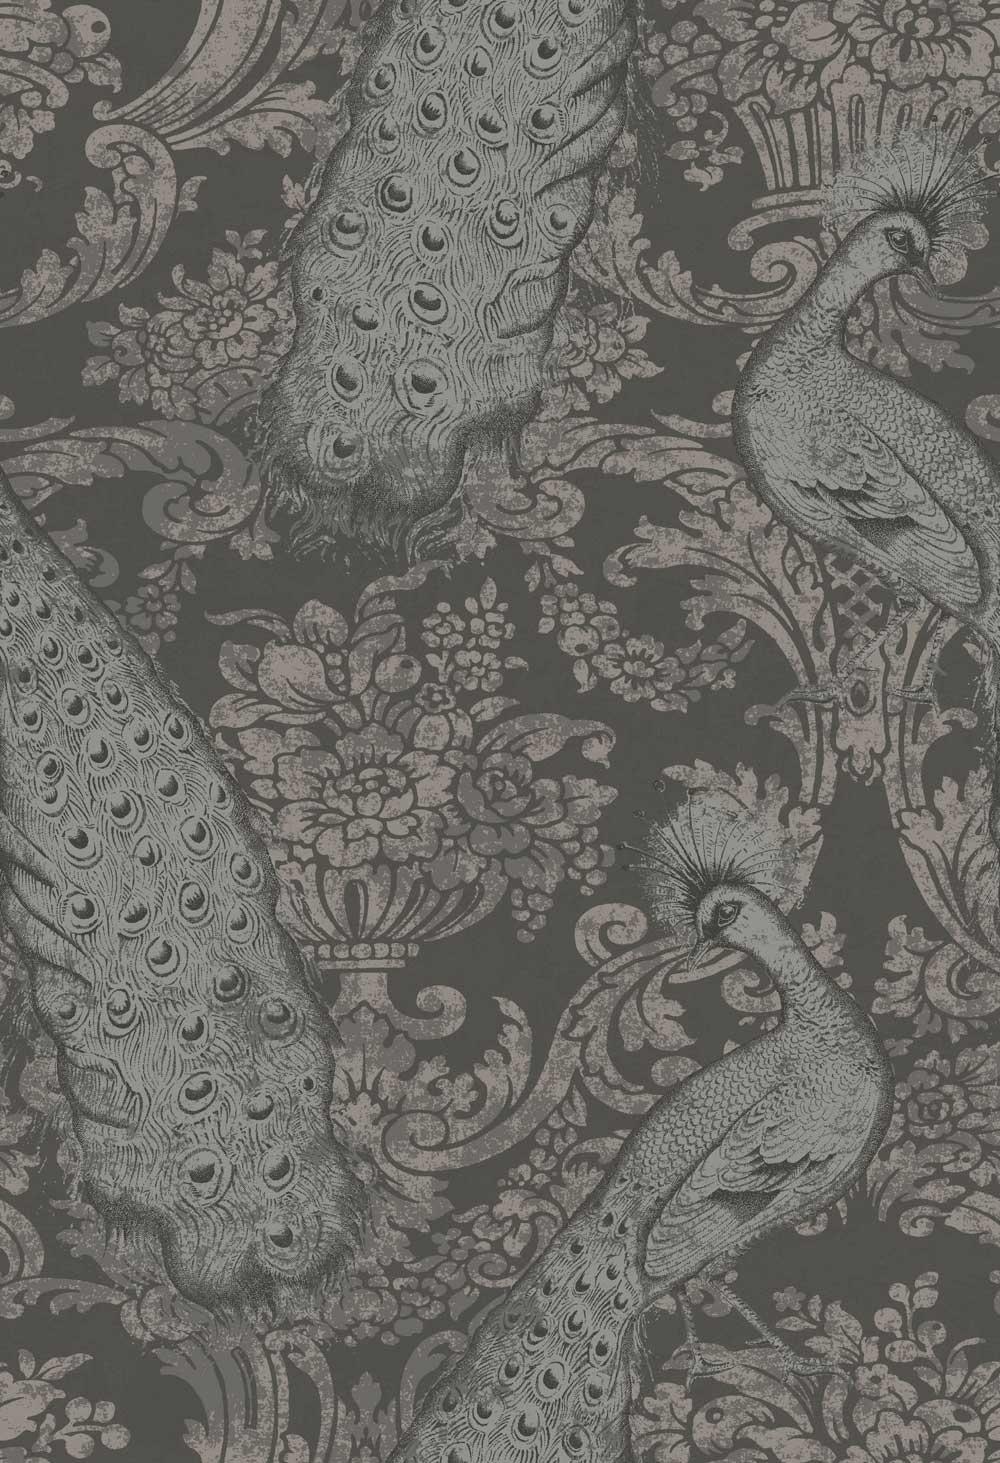 englische tapeten von cole and son fornasetti online kaufen. Black Bedroom Furniture Sets. Home Design Ideas